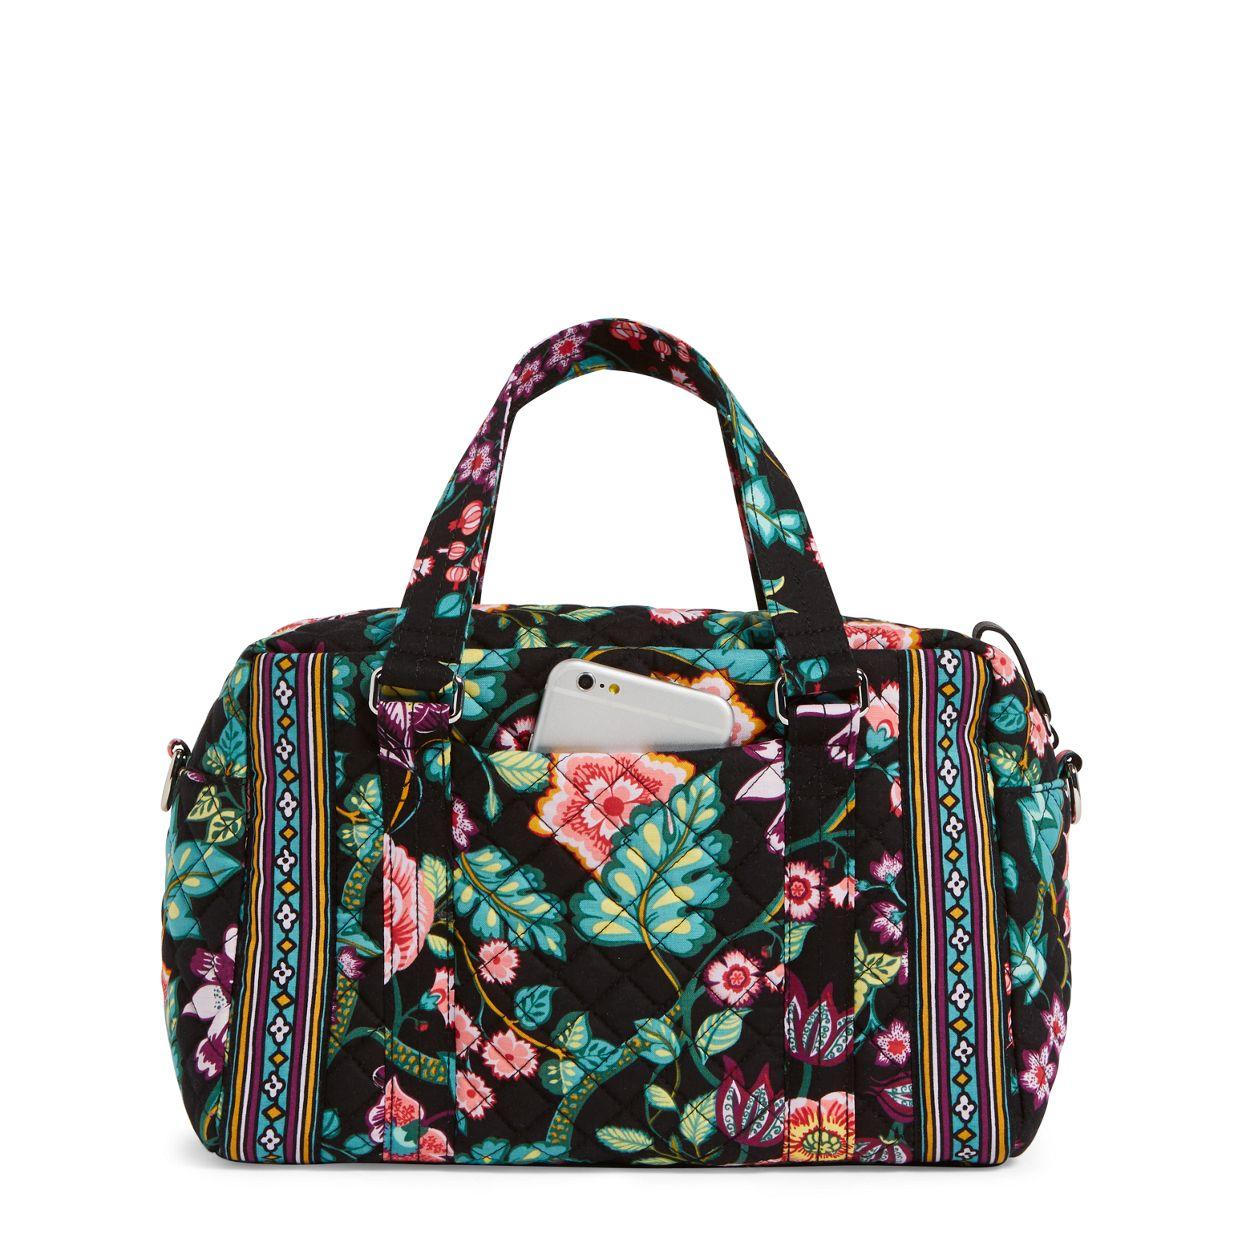 ... Image of Iconic 100 Handbag in Vines Floral e04e5890288e1